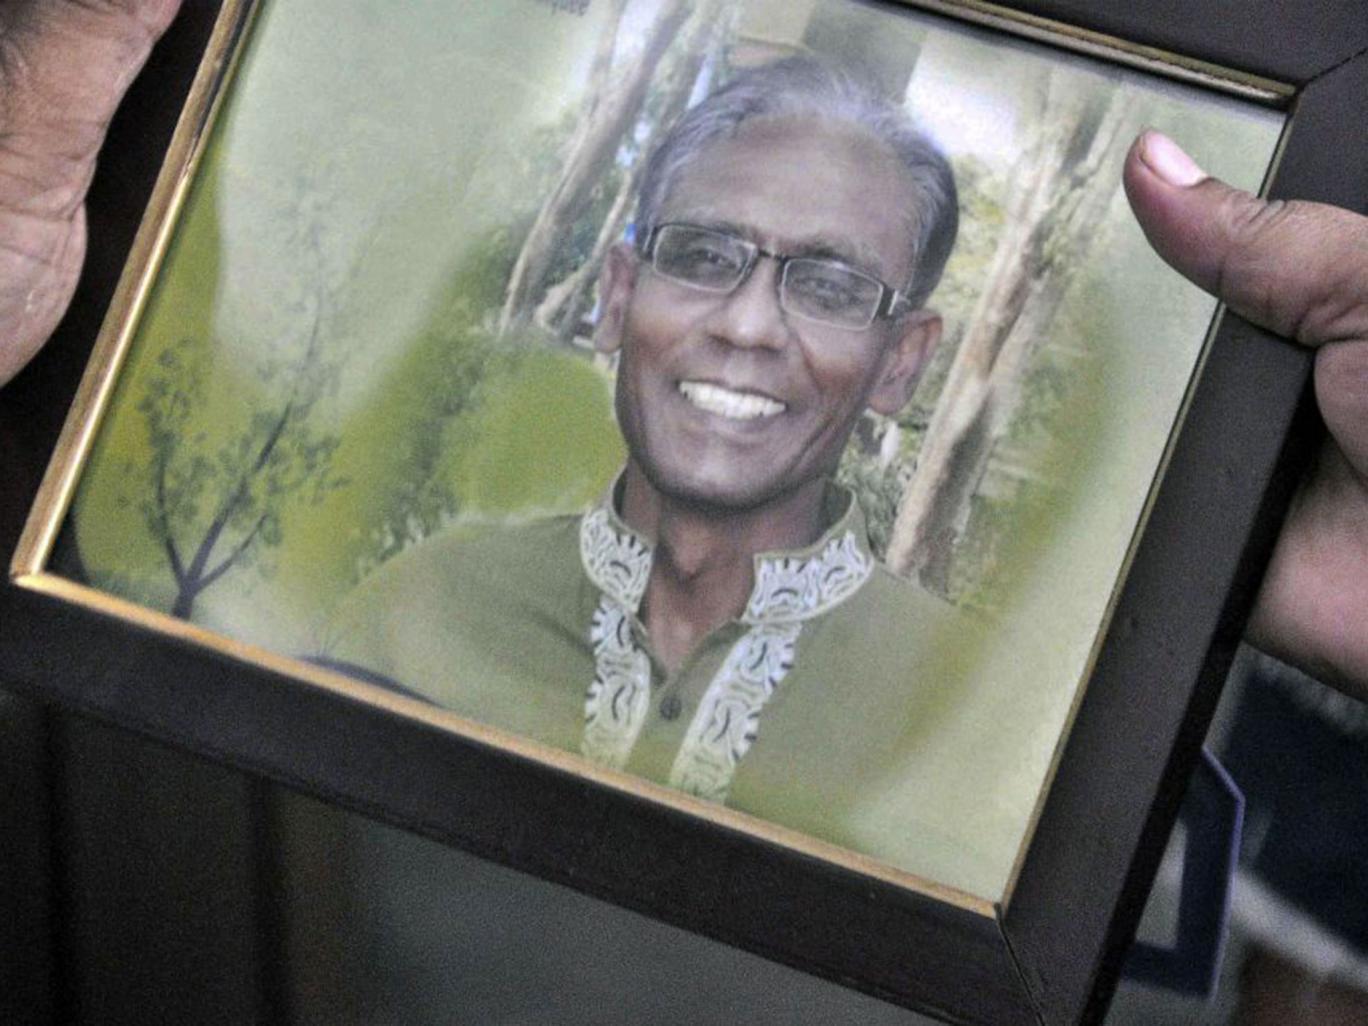 Prof Rezaul Karim Siddiquee taught English at Rajshahi University. Photo: AFP/File